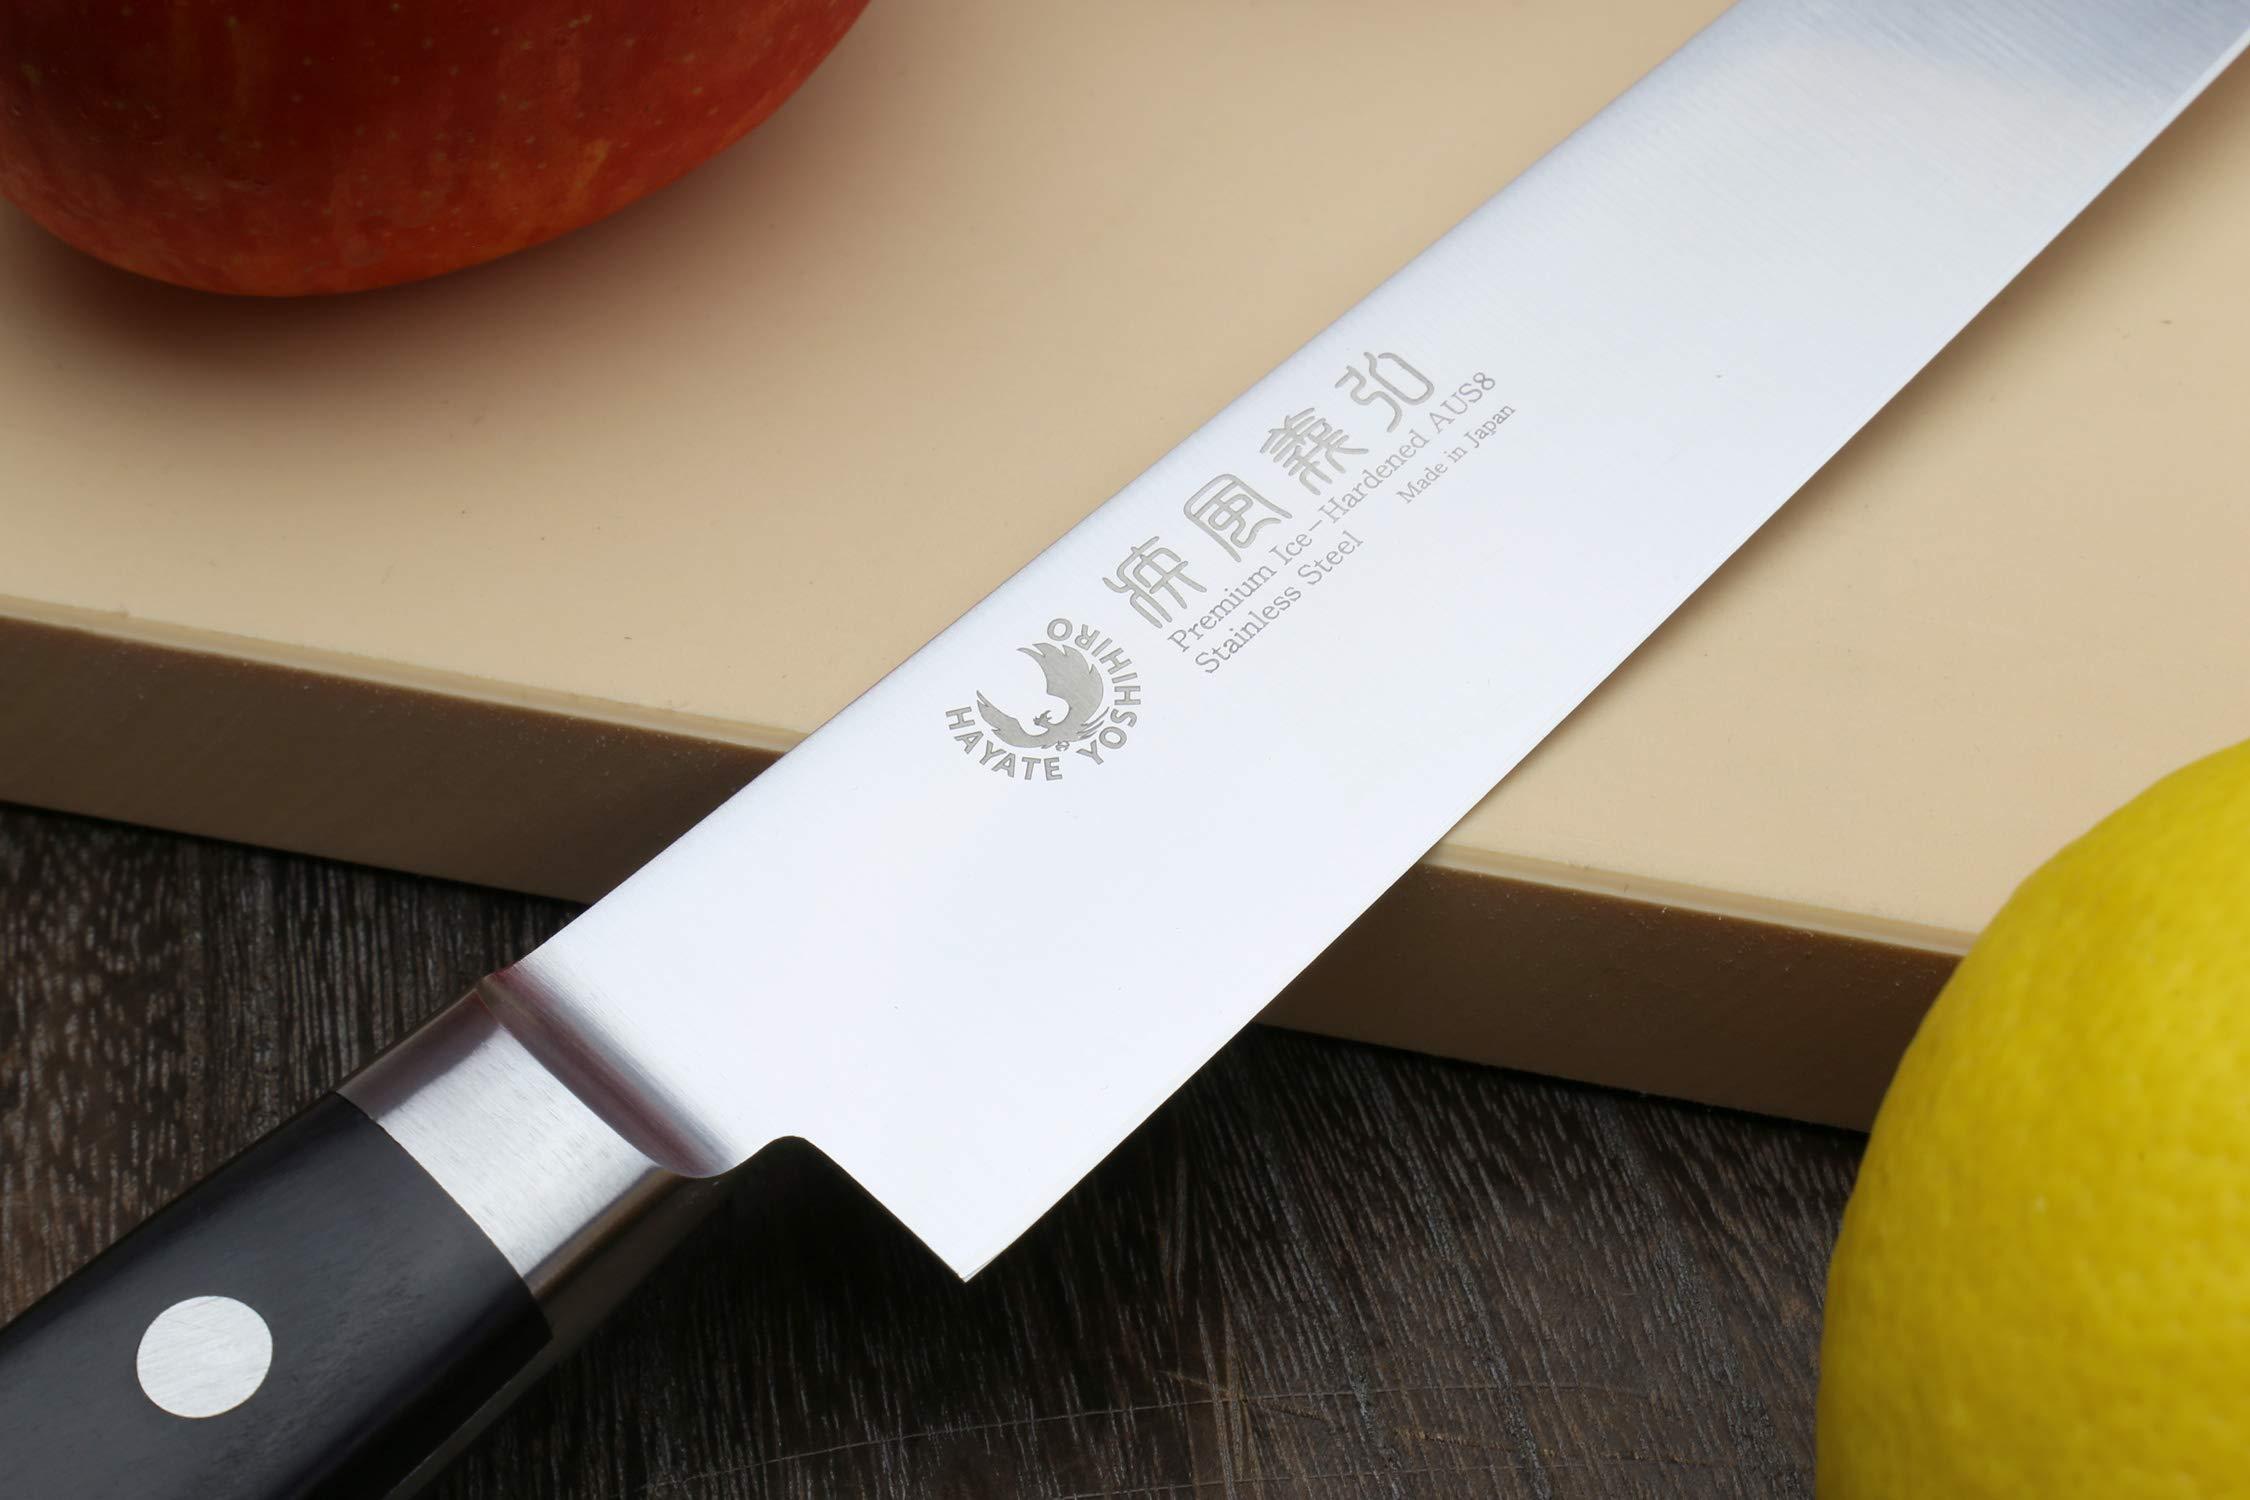 Yoshihiro 240mm Inox Sujihiki Japanese Chef Knife, 9.5-Inch by Yoshihiro (Image #5)